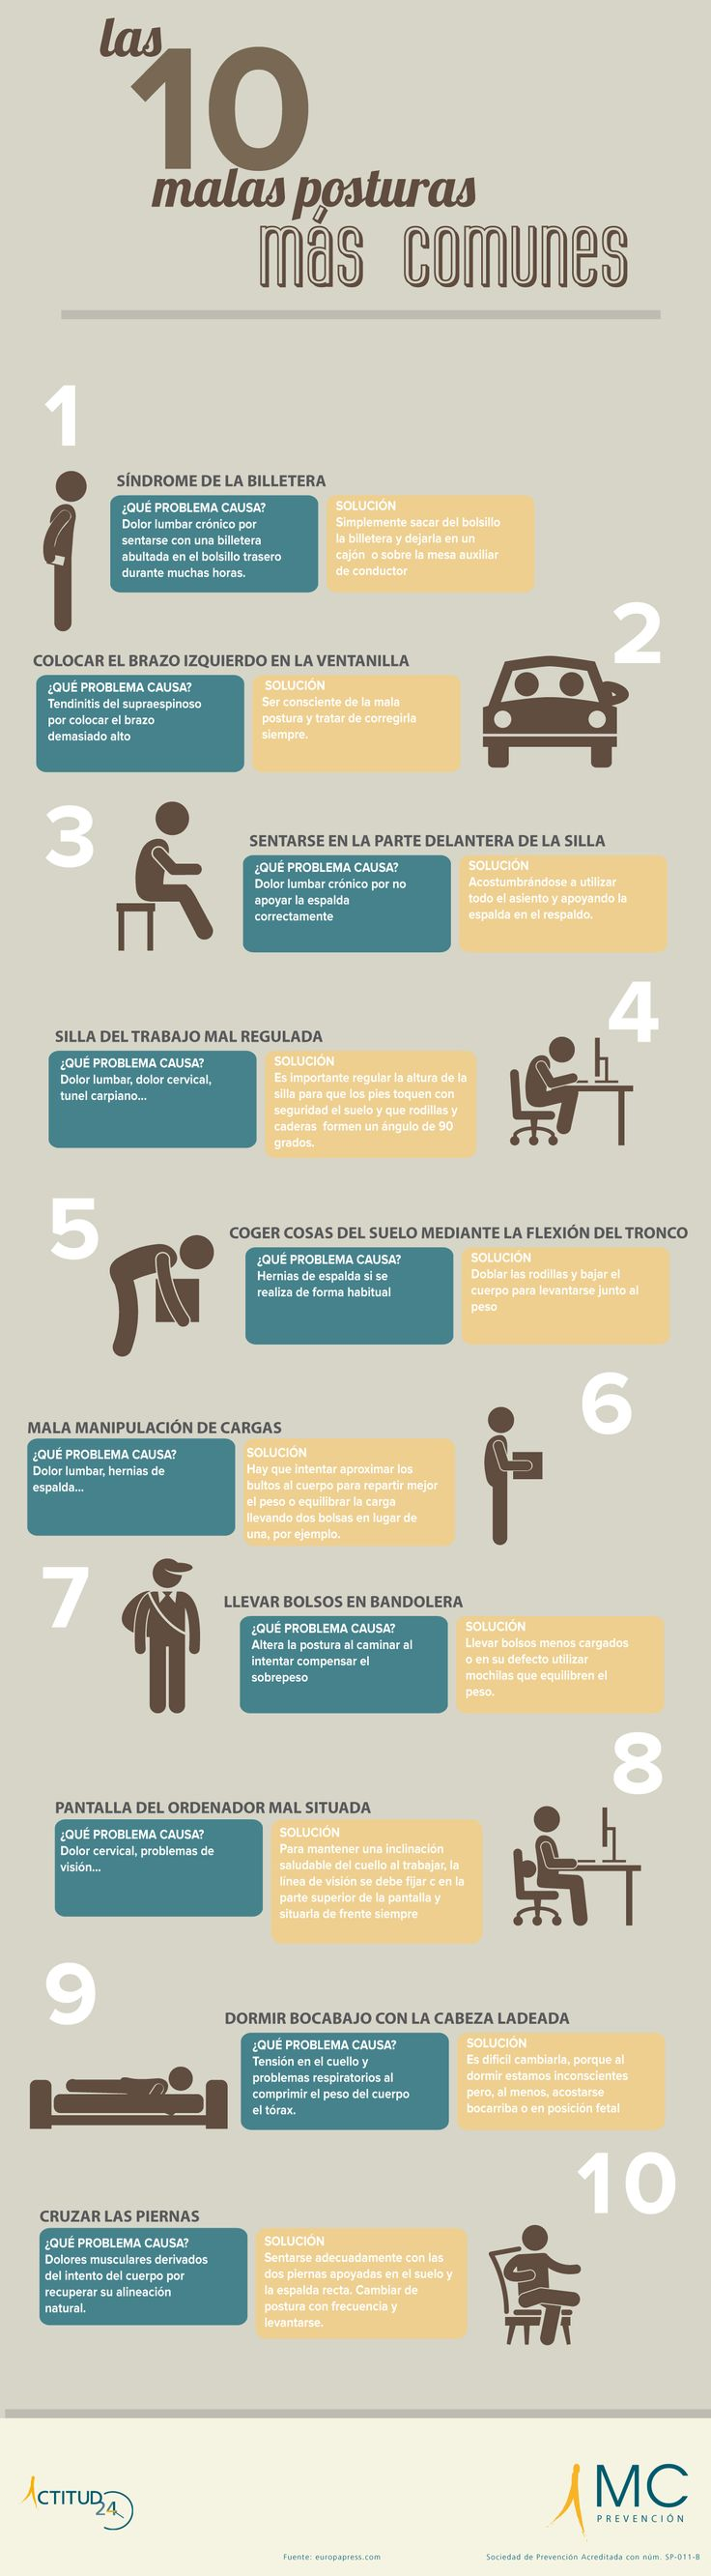 #Infografia Las 10 malas posturas más comunes